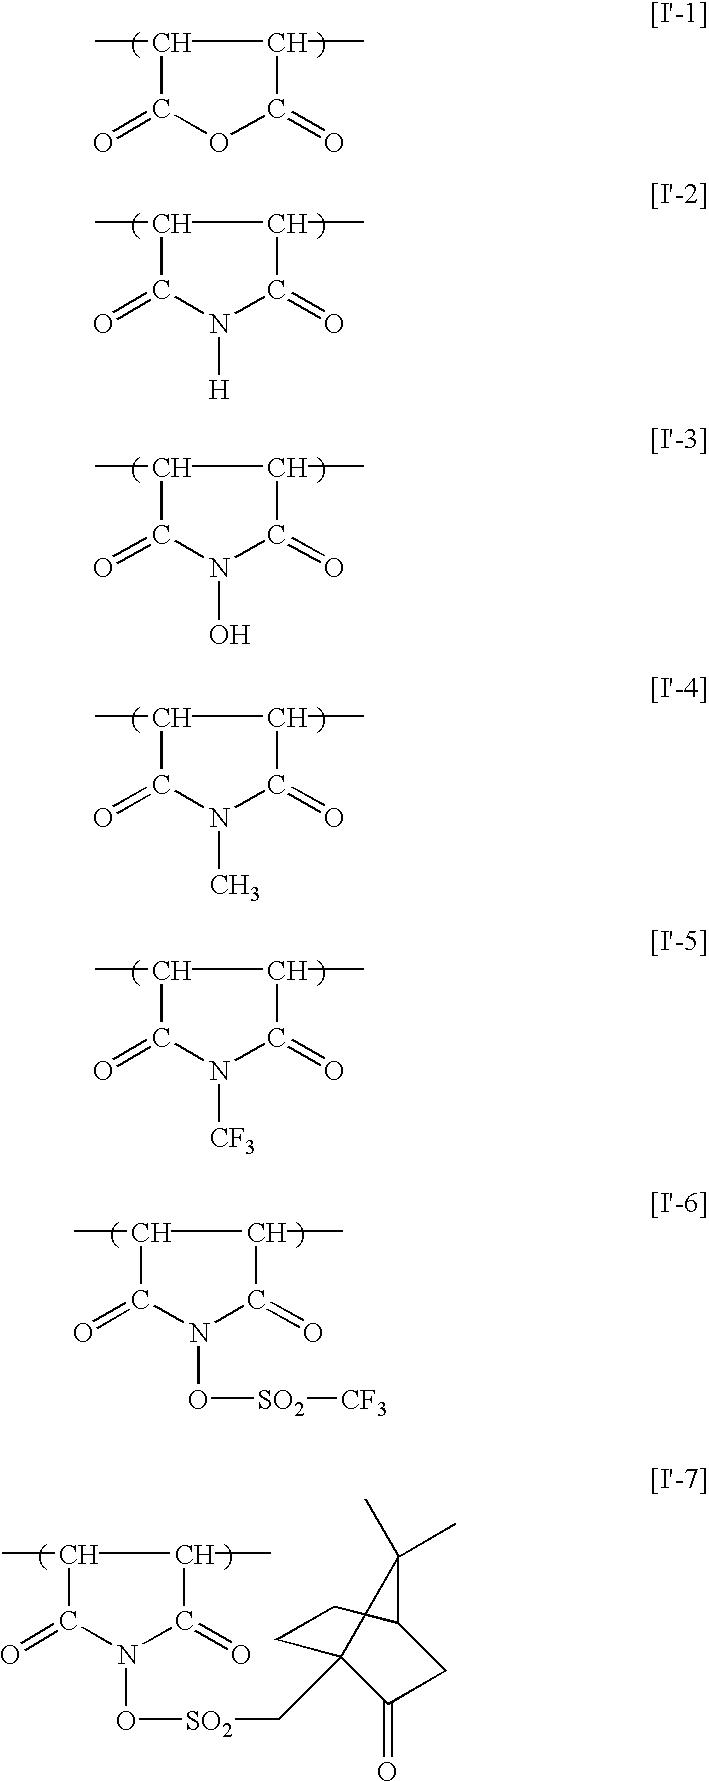 Figure US20030186161A1-20031002-C00115